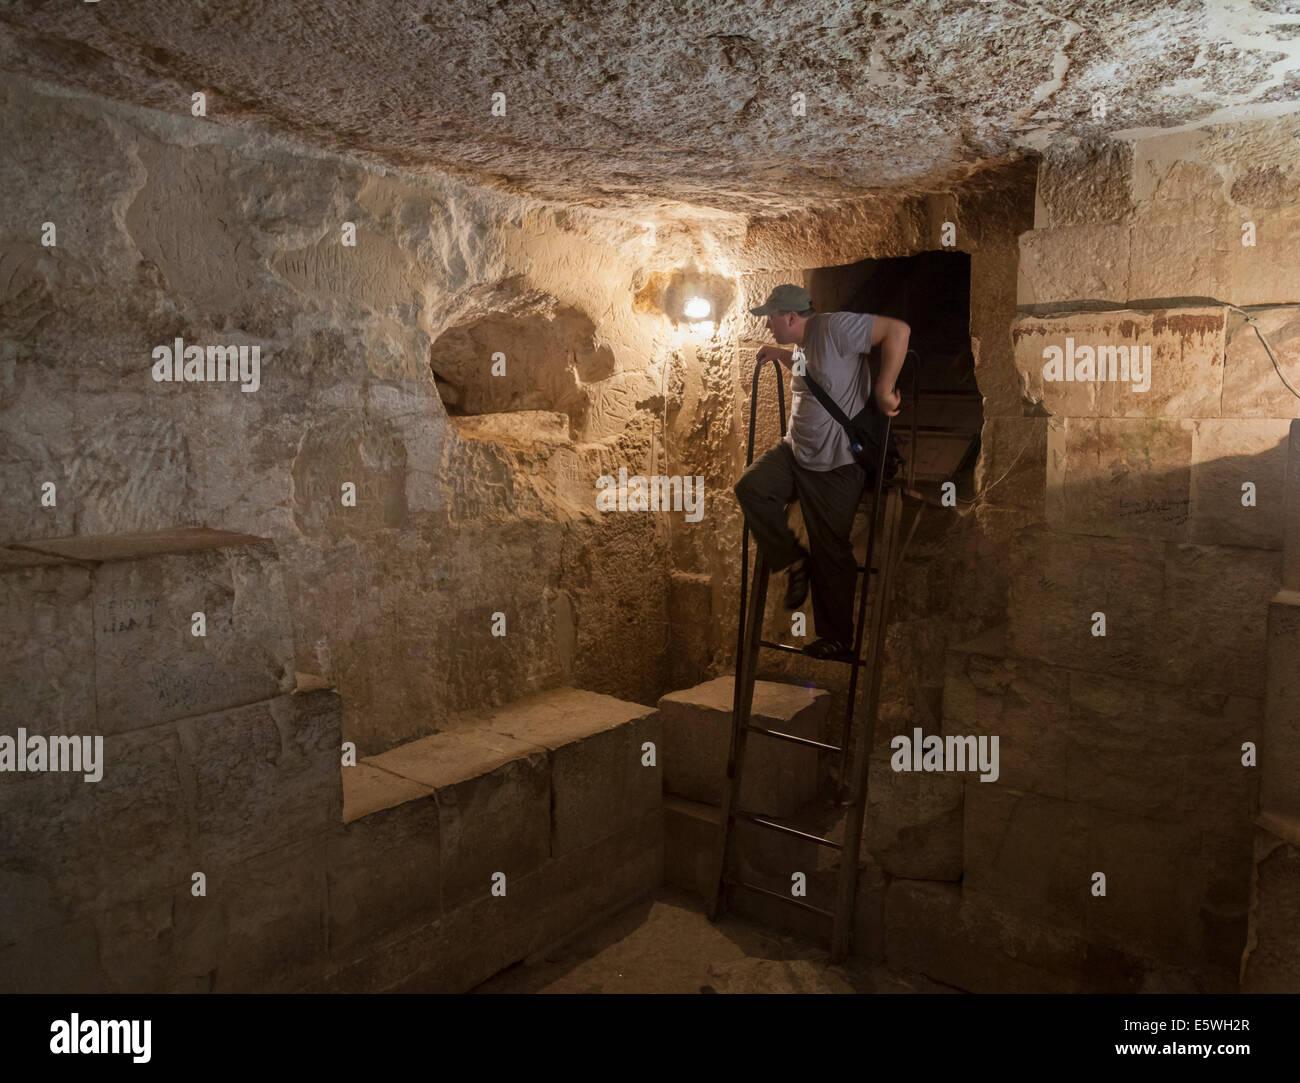 Turista dentro de una de las pirámides de Giza en El Cairo, Egipto Imagen De Stock